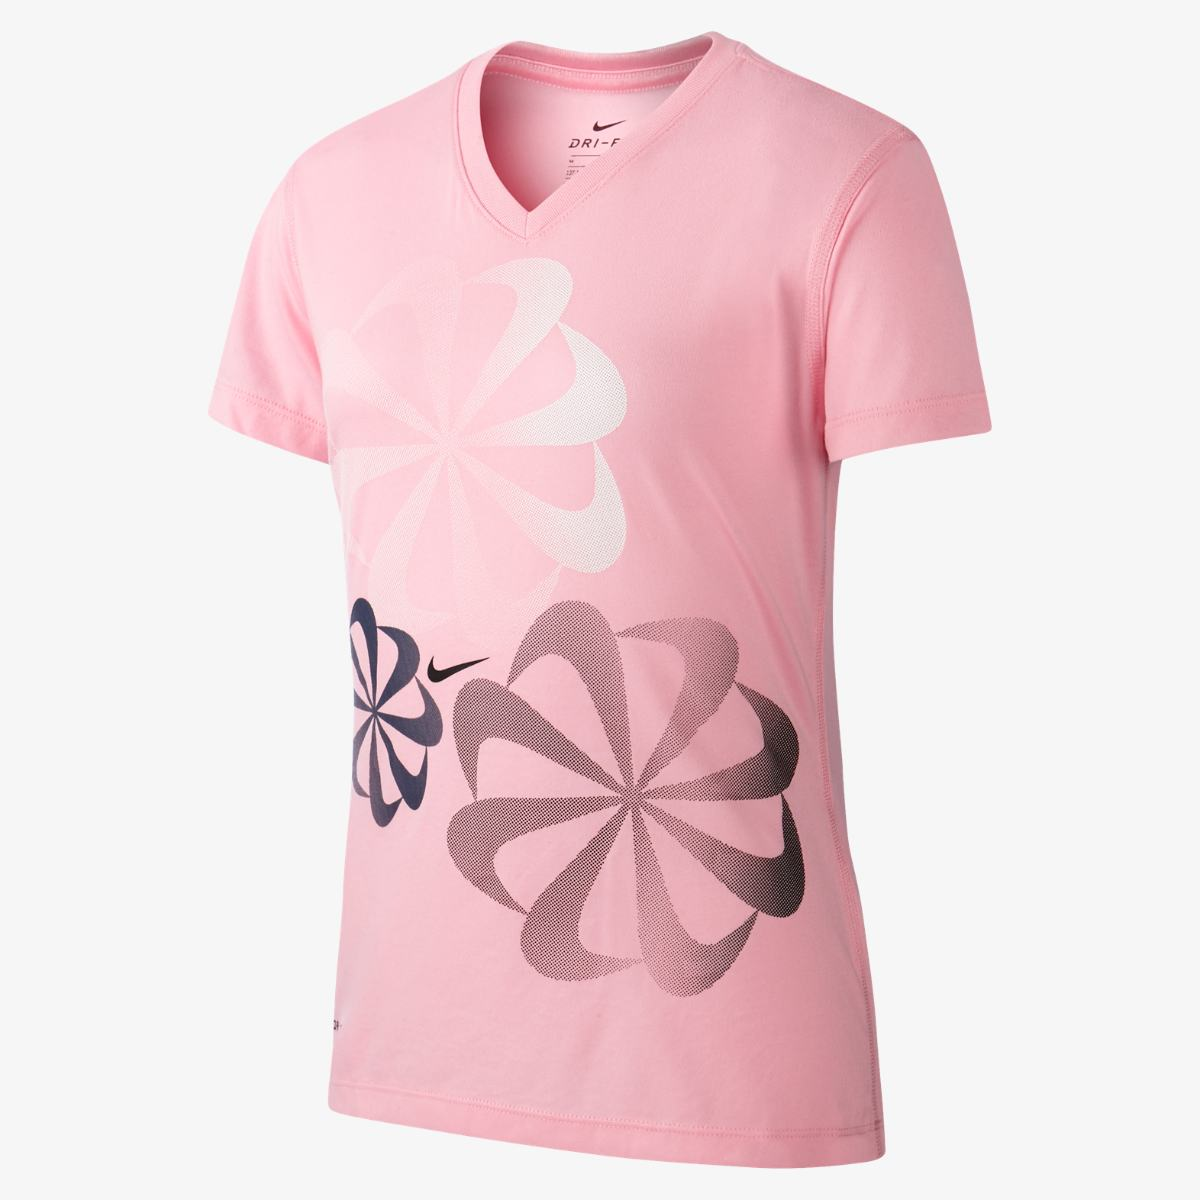 f386f05c Теннисная одежда для девочек, одежда для тенниса, Купить, Цена